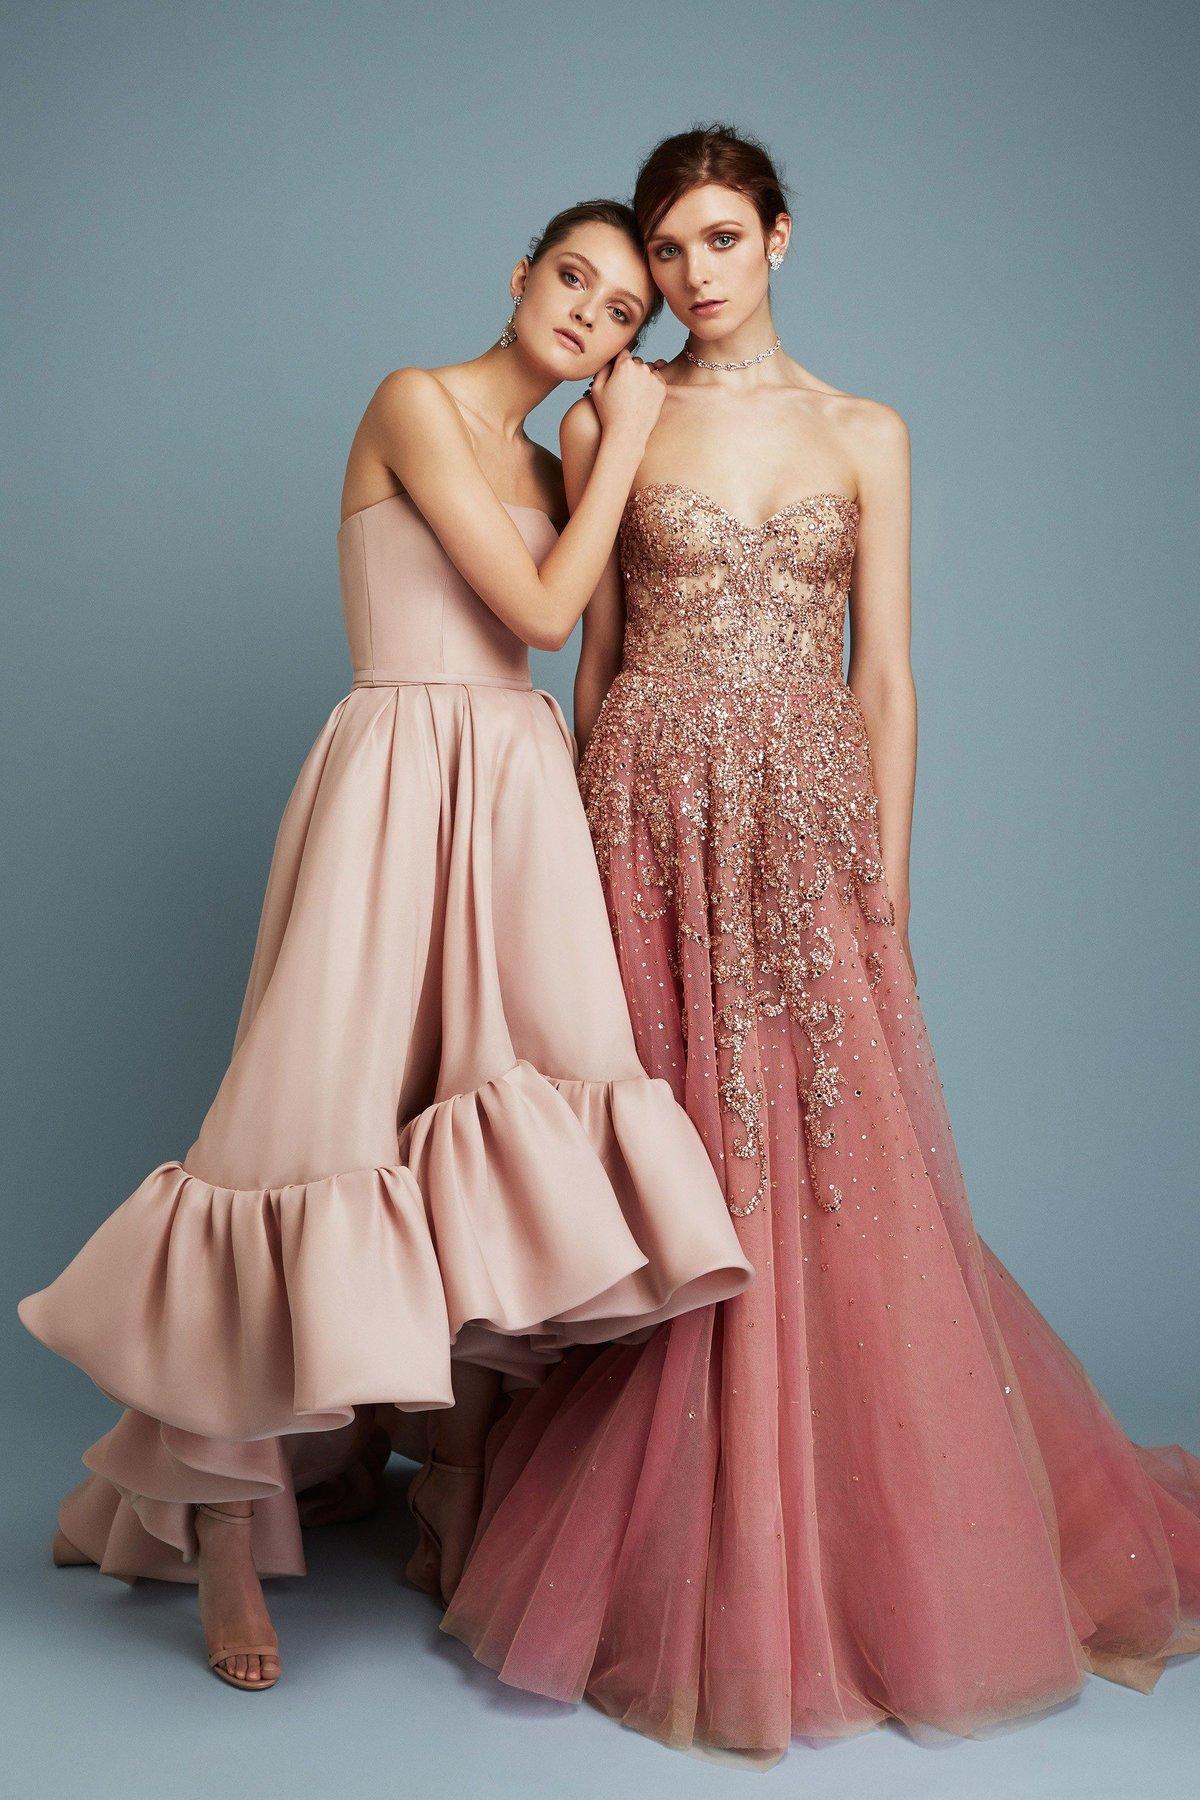 1601f52bcb9 Обзор самых стильных моделей вечерних платьев Самые красивые платья на выпускной  2018  9 класс. Обзор самых стильных моделей вечерних платьев